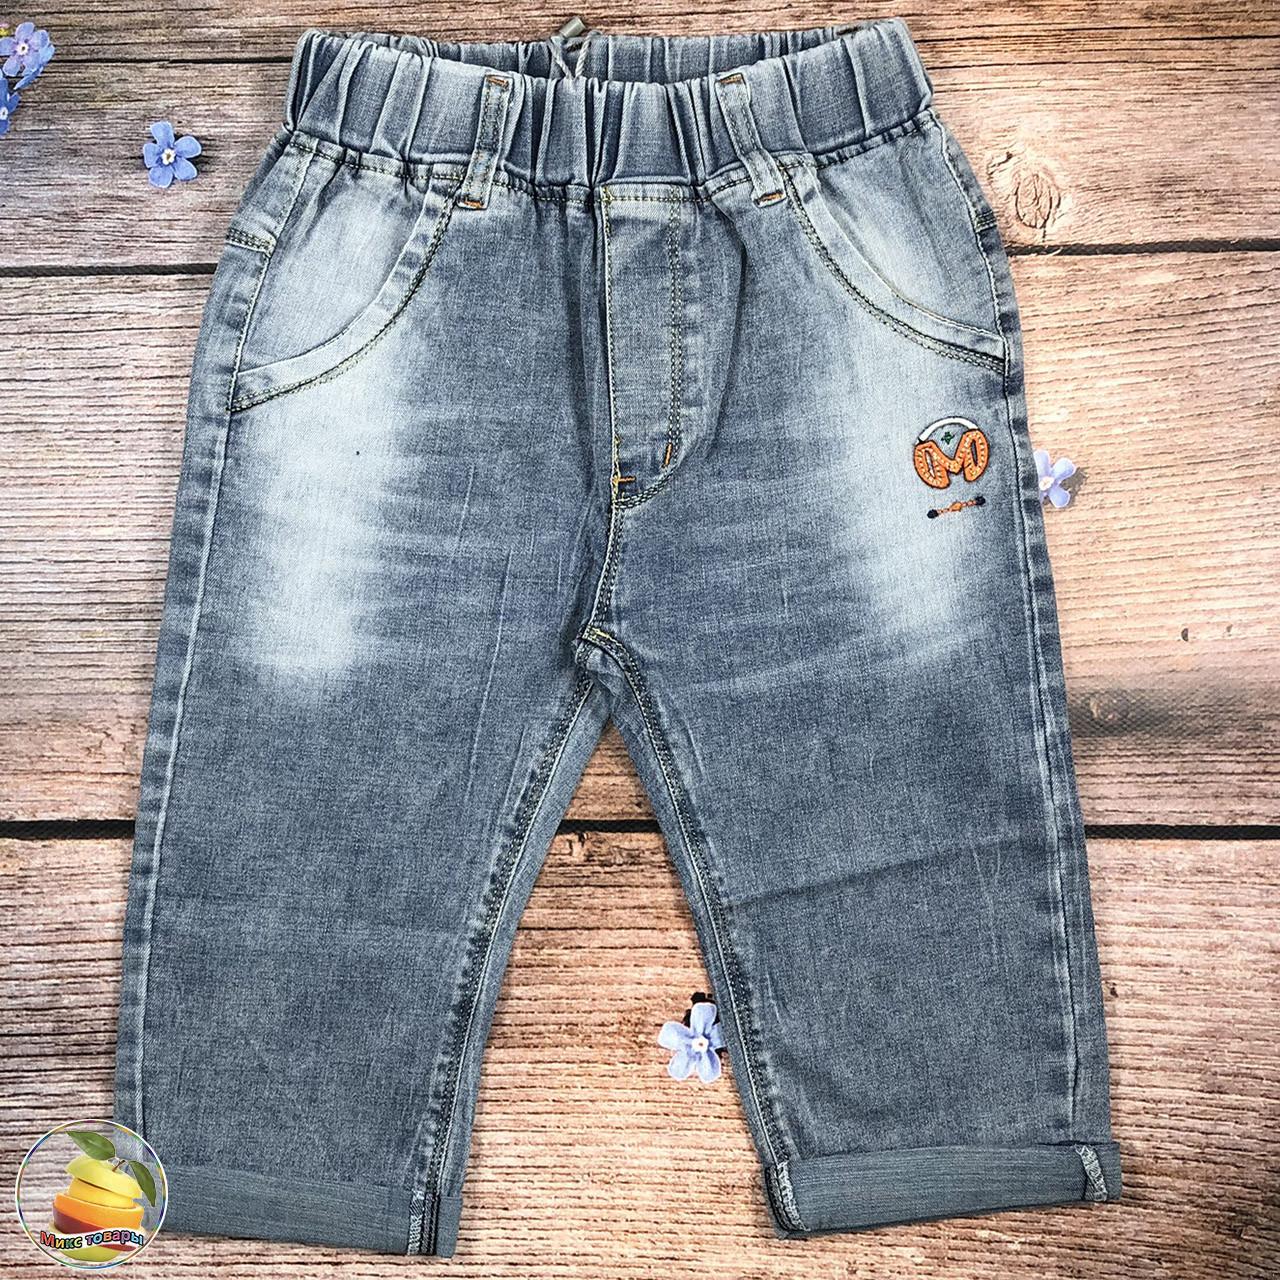 Джинсові шорти для підлітка Розміри: 8,9,10,11,12 років (20233)